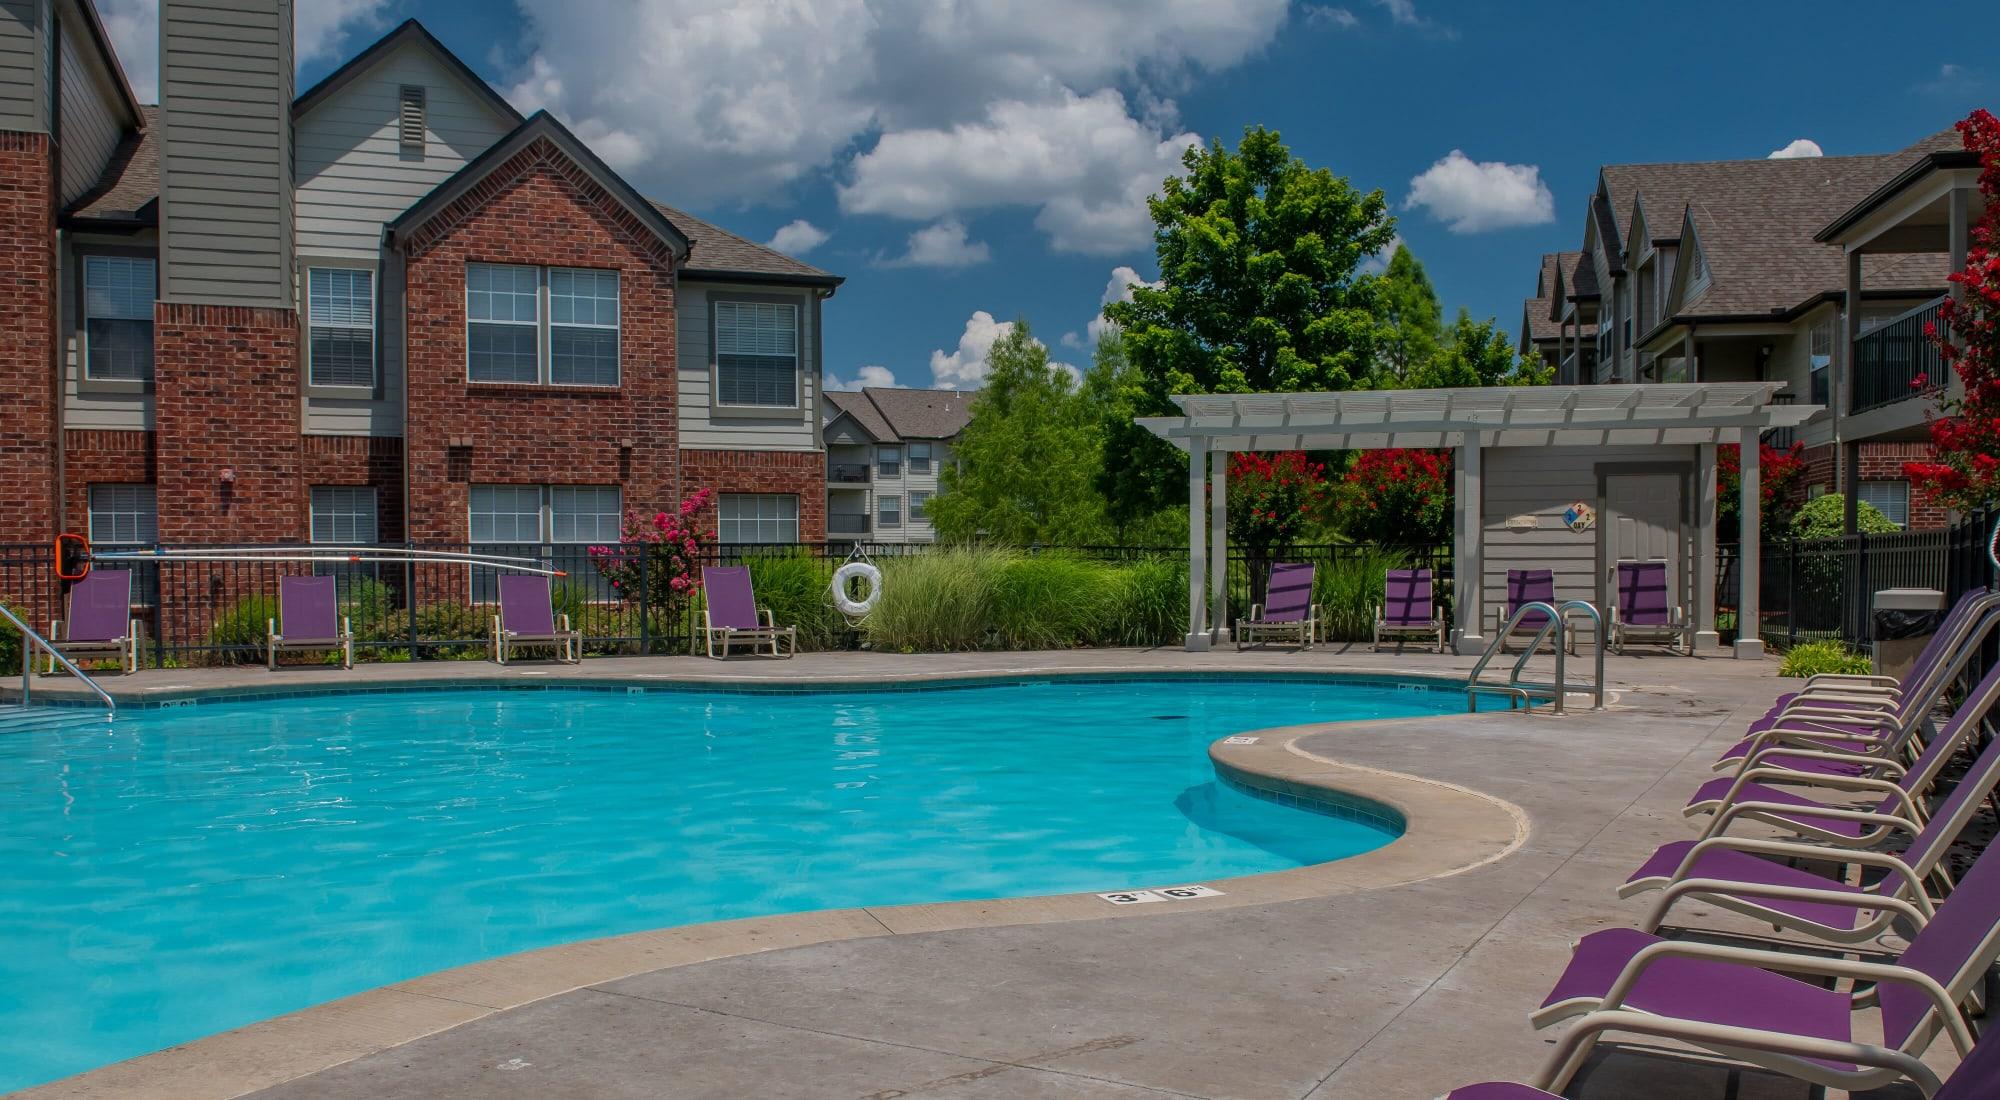 Villas at Aspen Park in Broken Arrow, Oklahoma